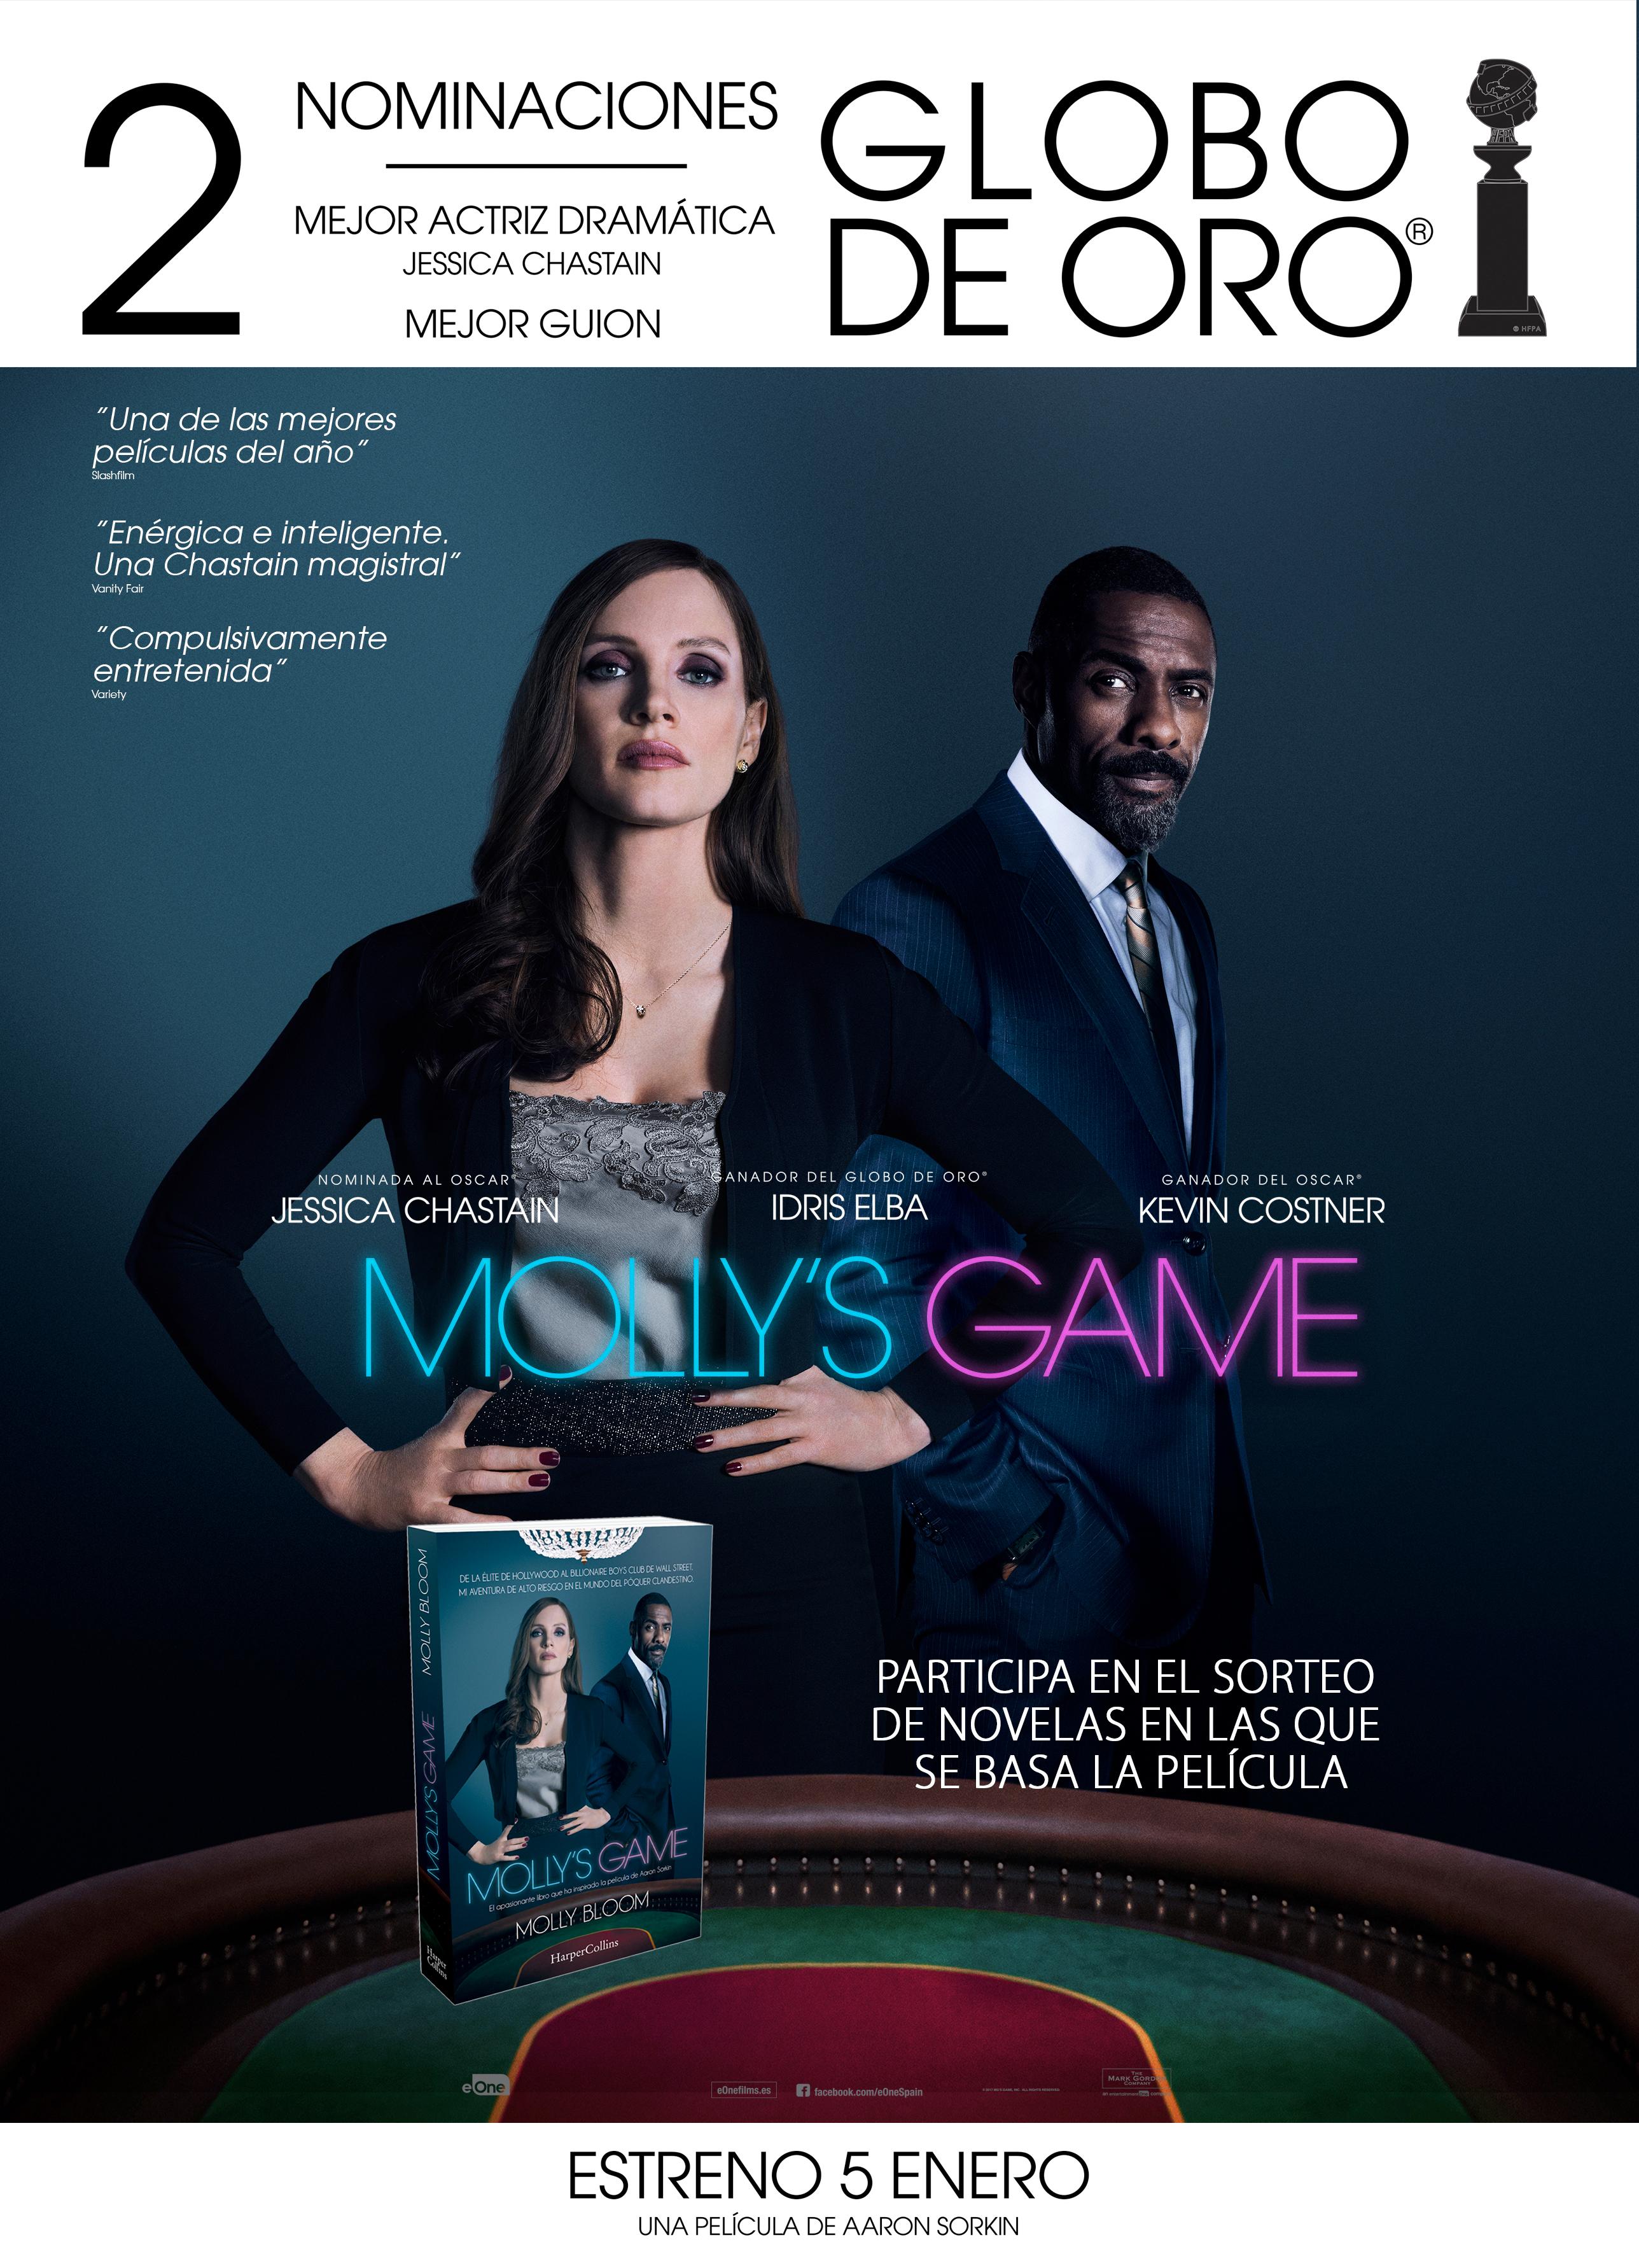 Sorteo 'Molly's Game': Tenemos novelas en las que se basa la película